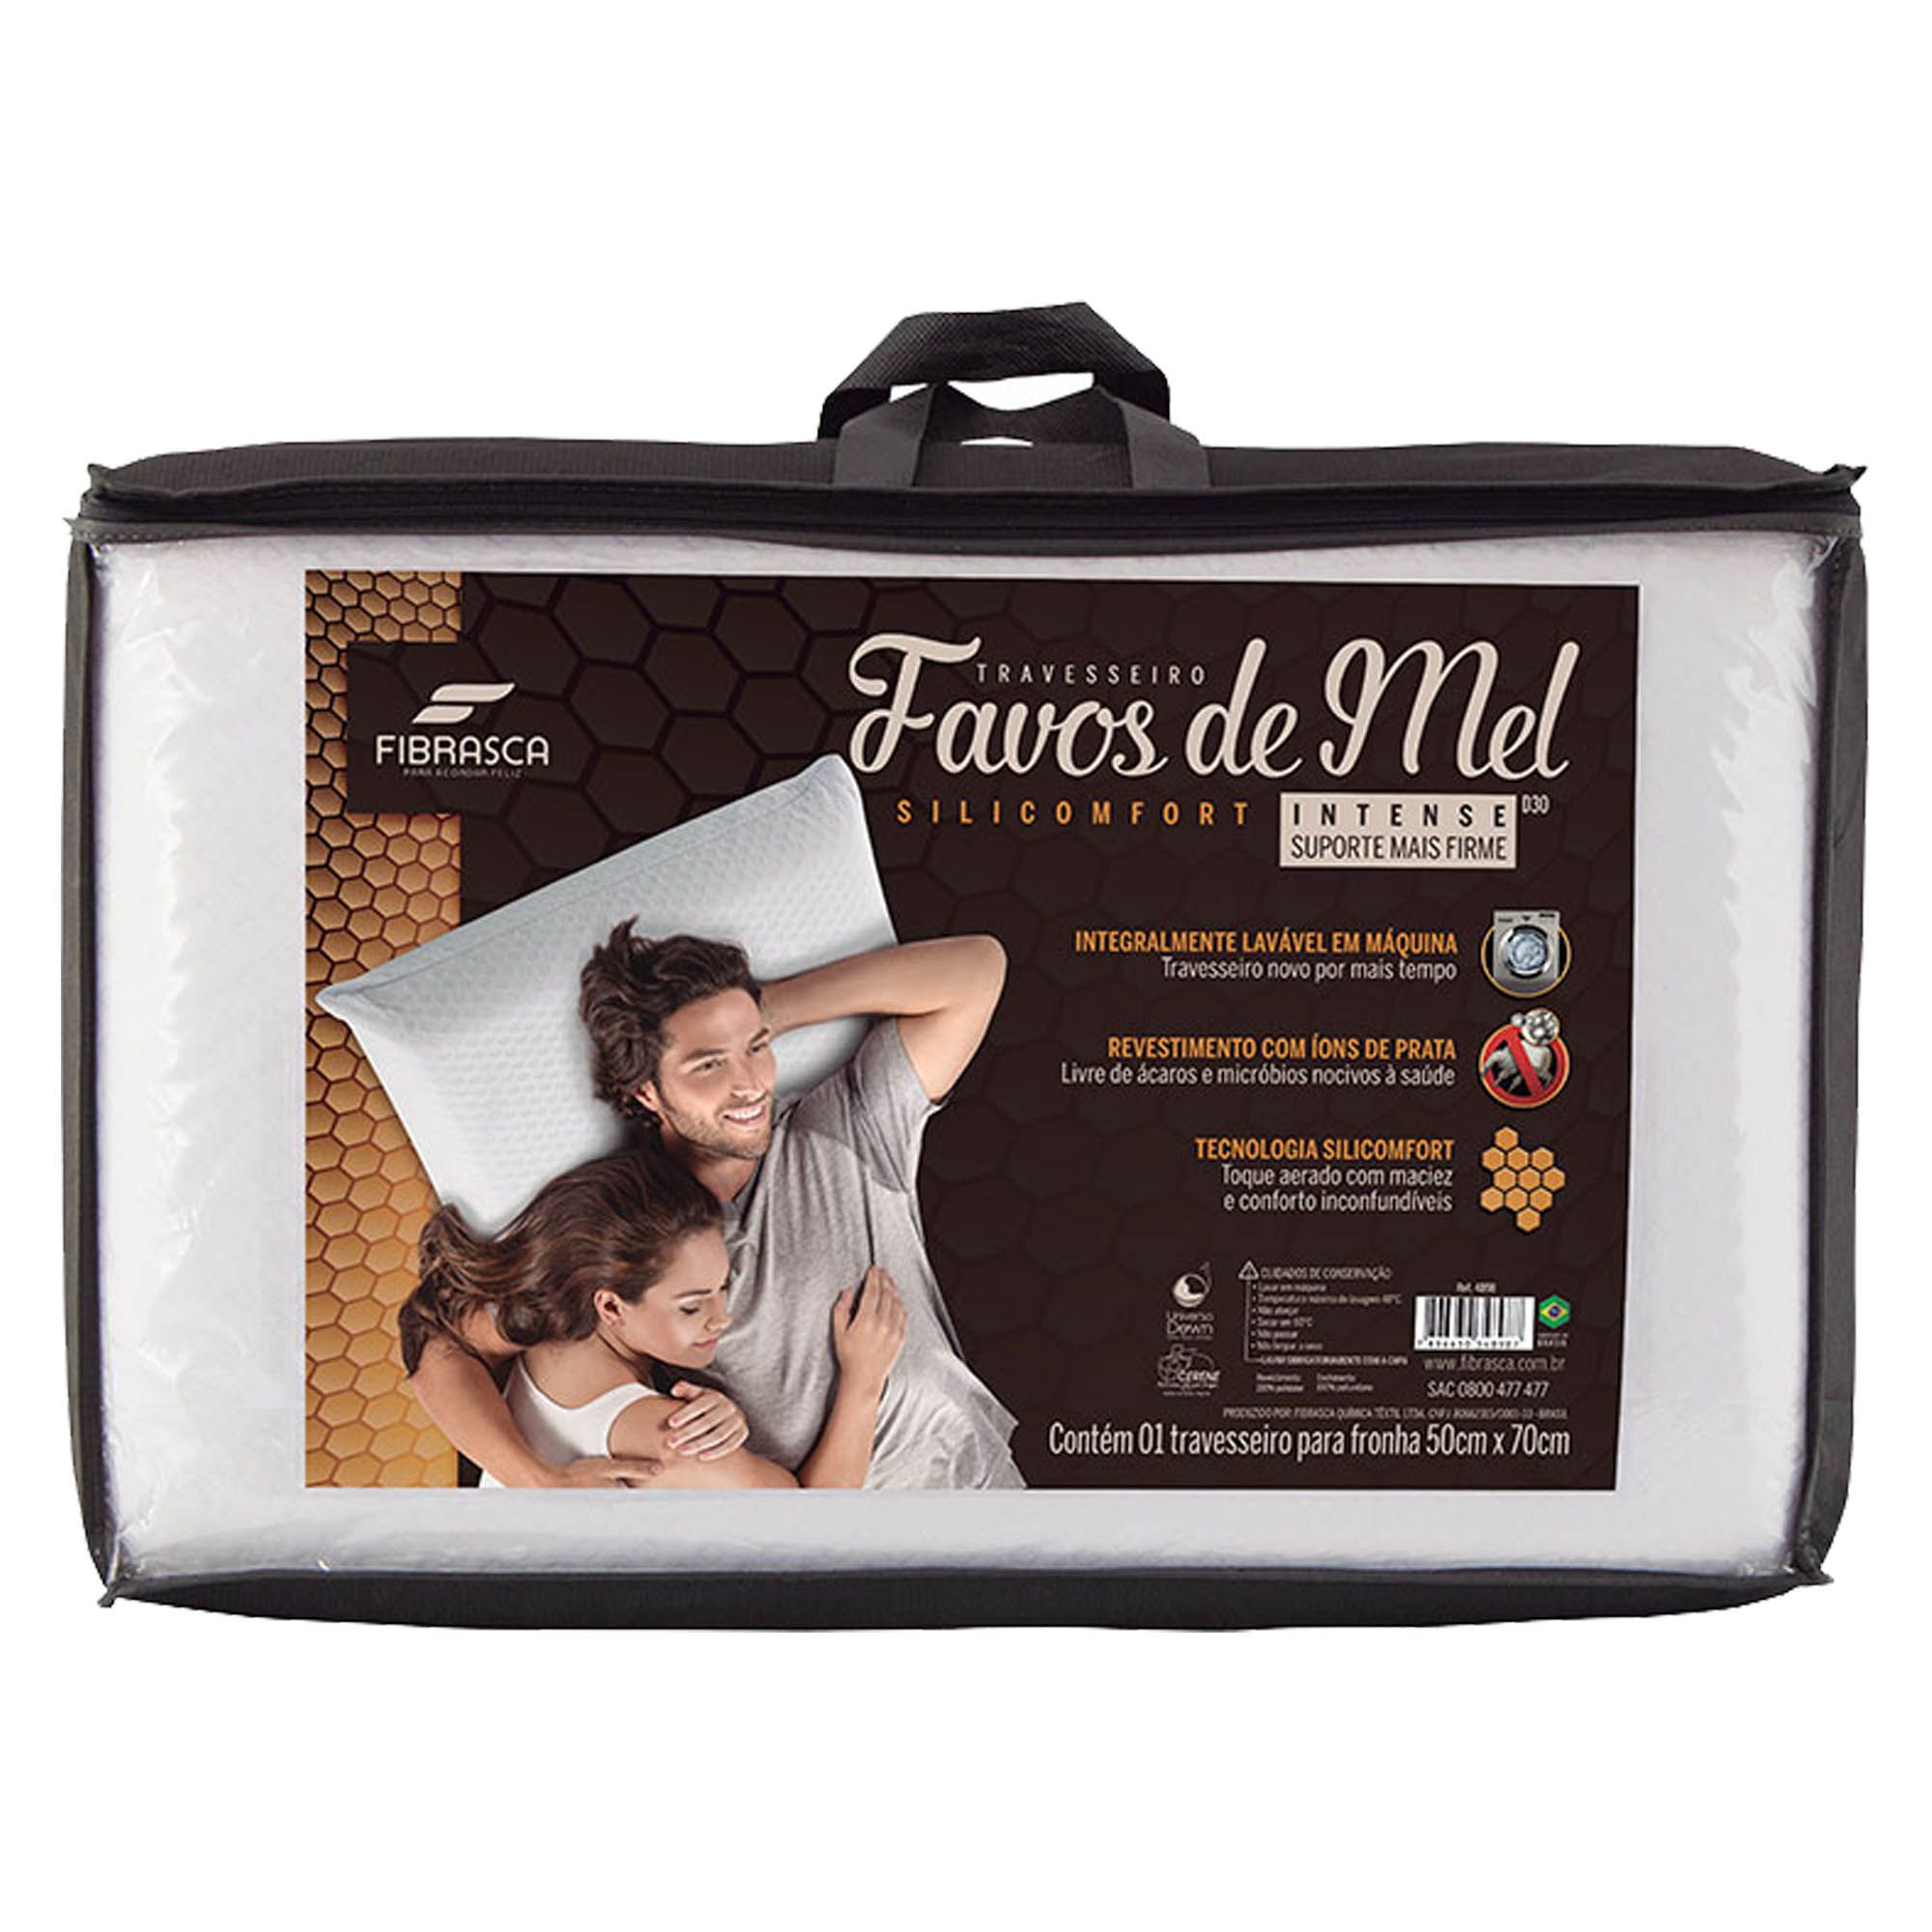 Travesseiro Fibrasca Favos de Mel Intense, Intermediário, 050 x 070 cm